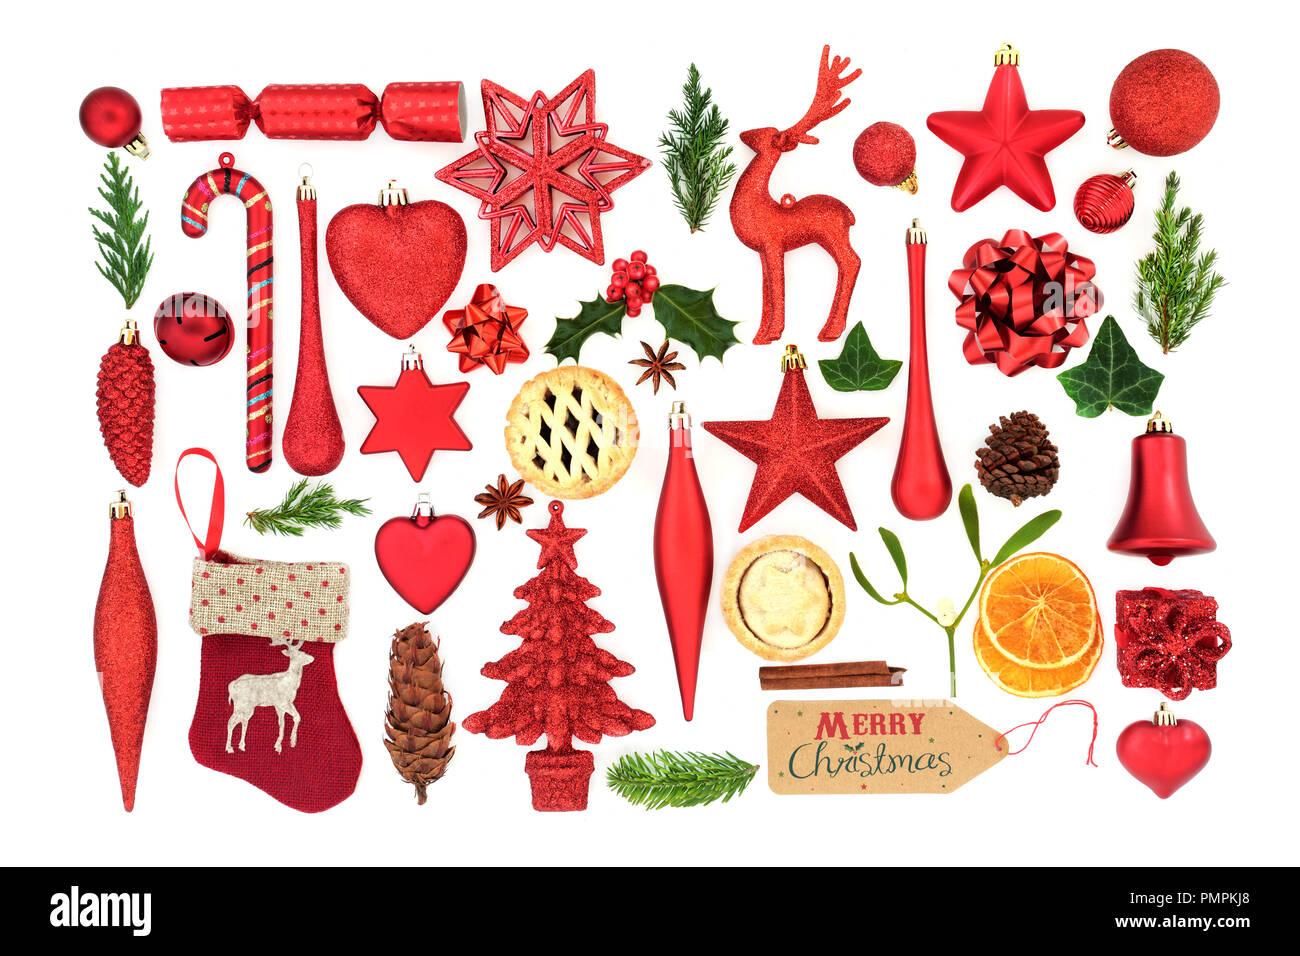 Symboles de Noël avec des décorations babiole, flore d'hiver et de l'alimentation des éléments sur fond blanc. Carte de Noël pour la période des fêtes. Photo Stock